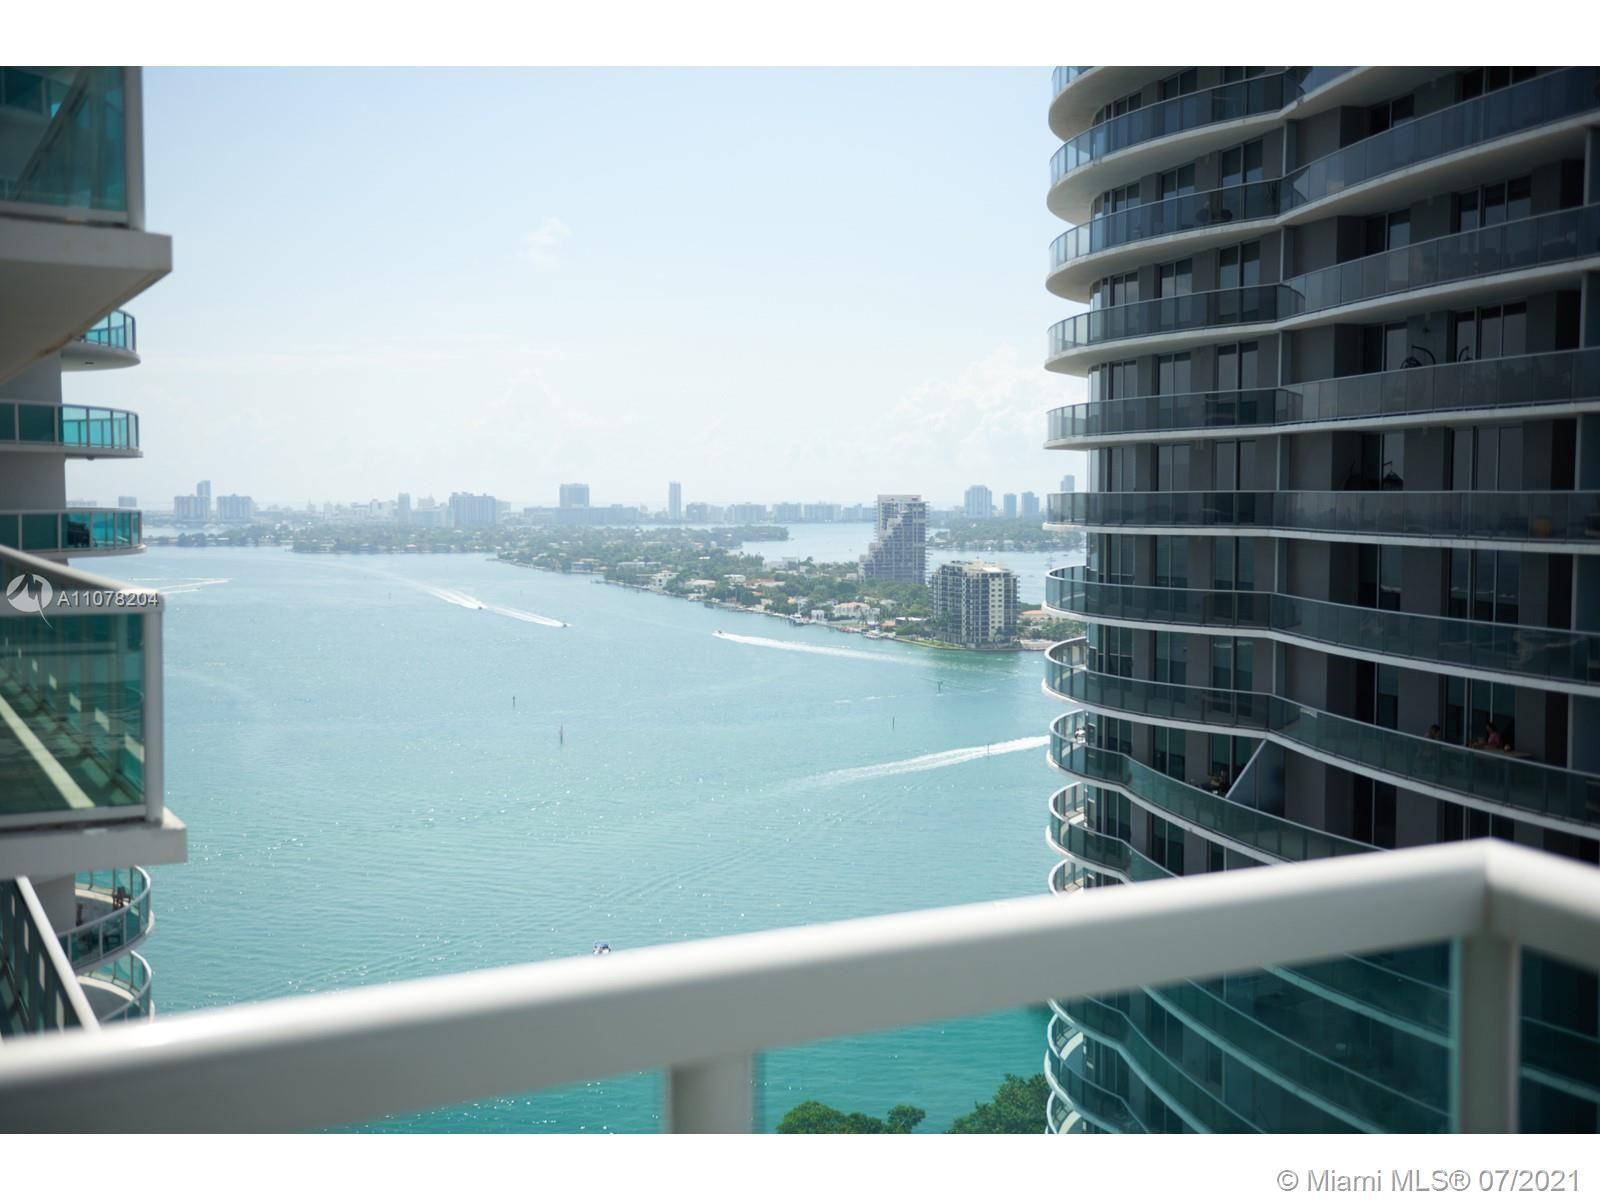 1800 N Bayshore Dr #2715, Miami, FL 33132 - #: A11078204